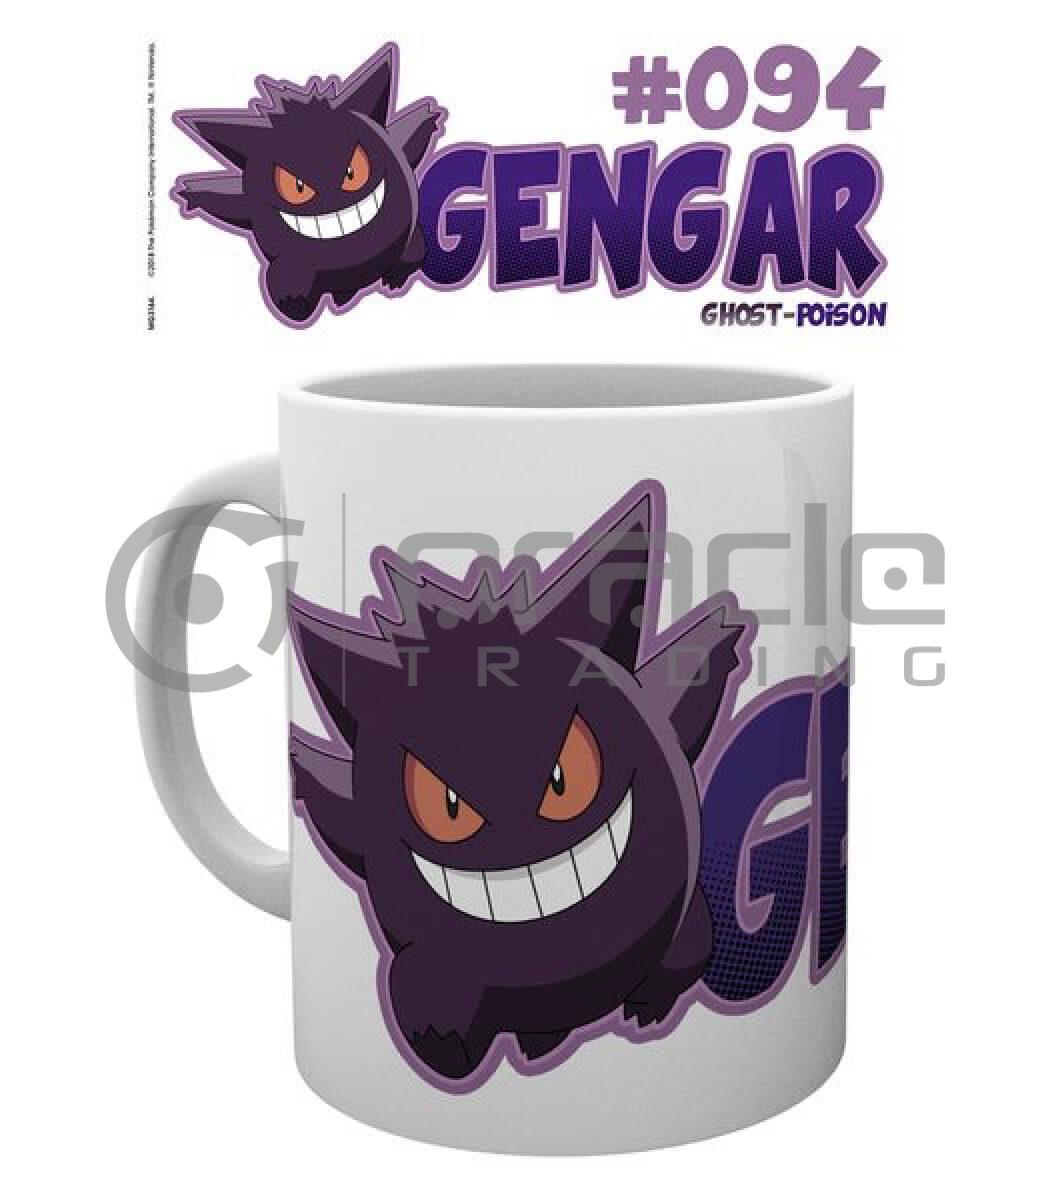 Pokémon Mug - Gengar